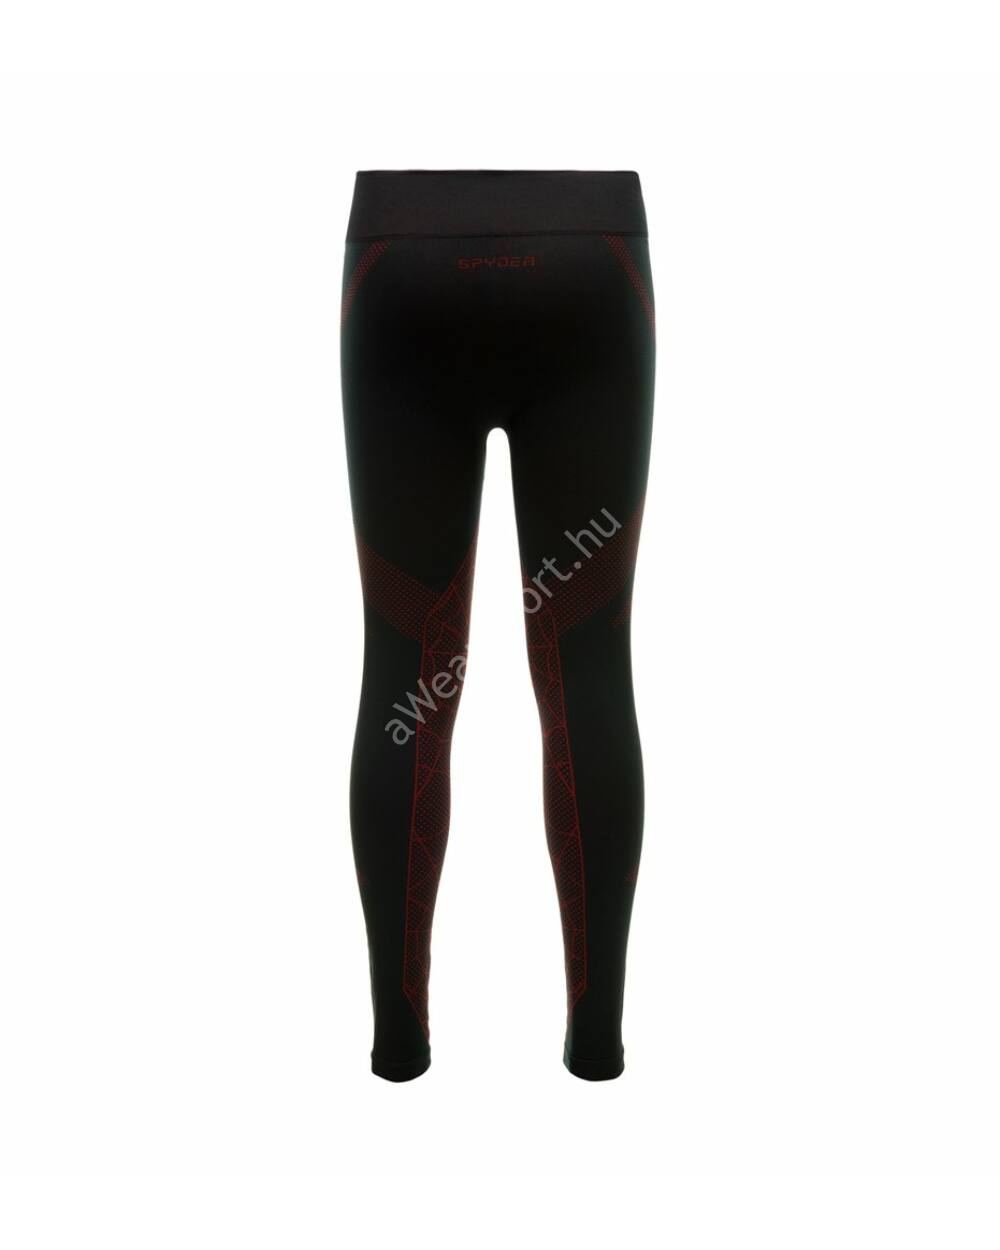 Spyder Captain Pant férfi aláöltözet nadrág, black-red, L/XL